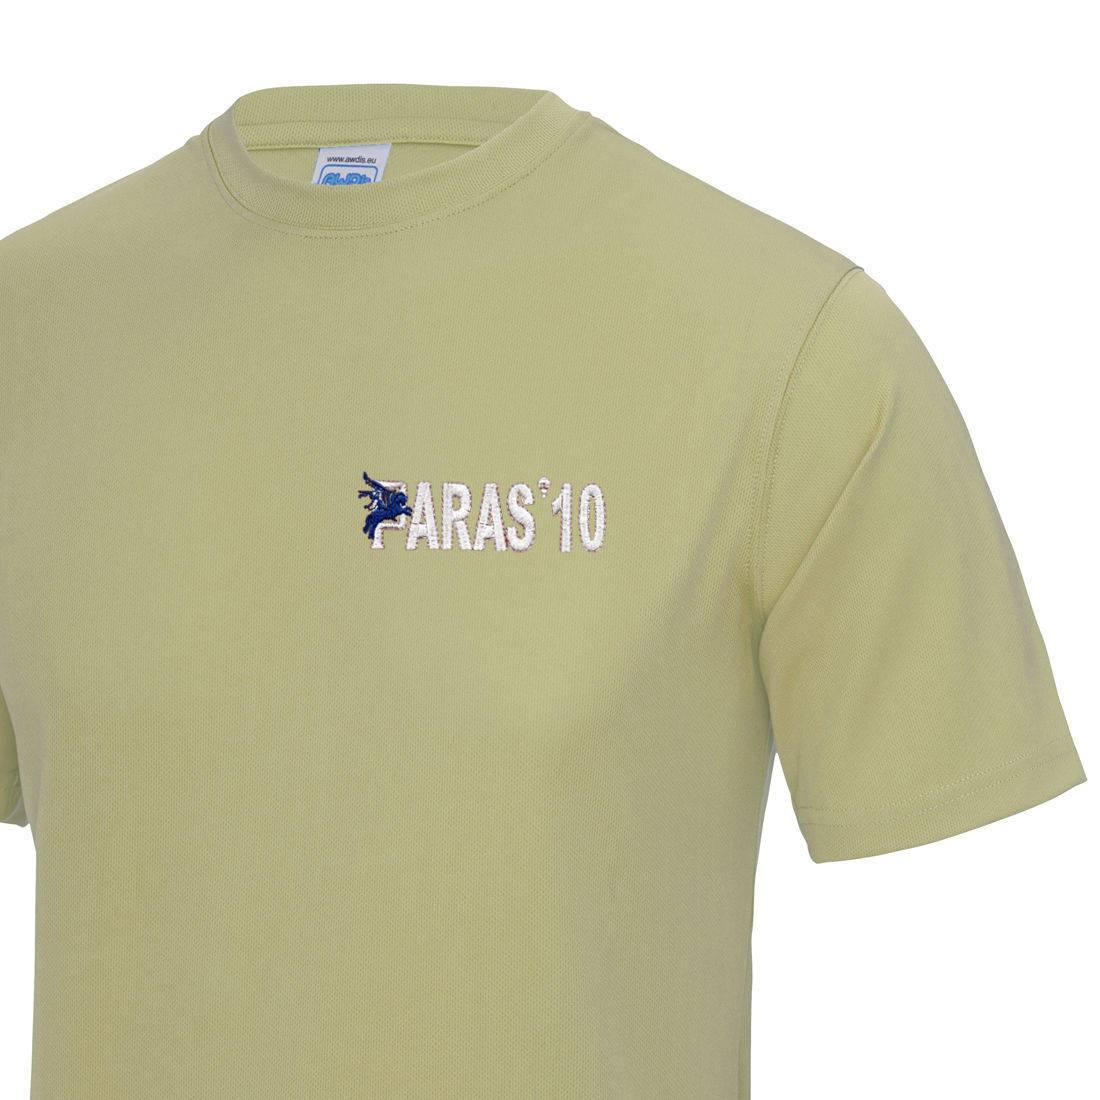 Gym/Training T-Shirt - Sand - Paras 10